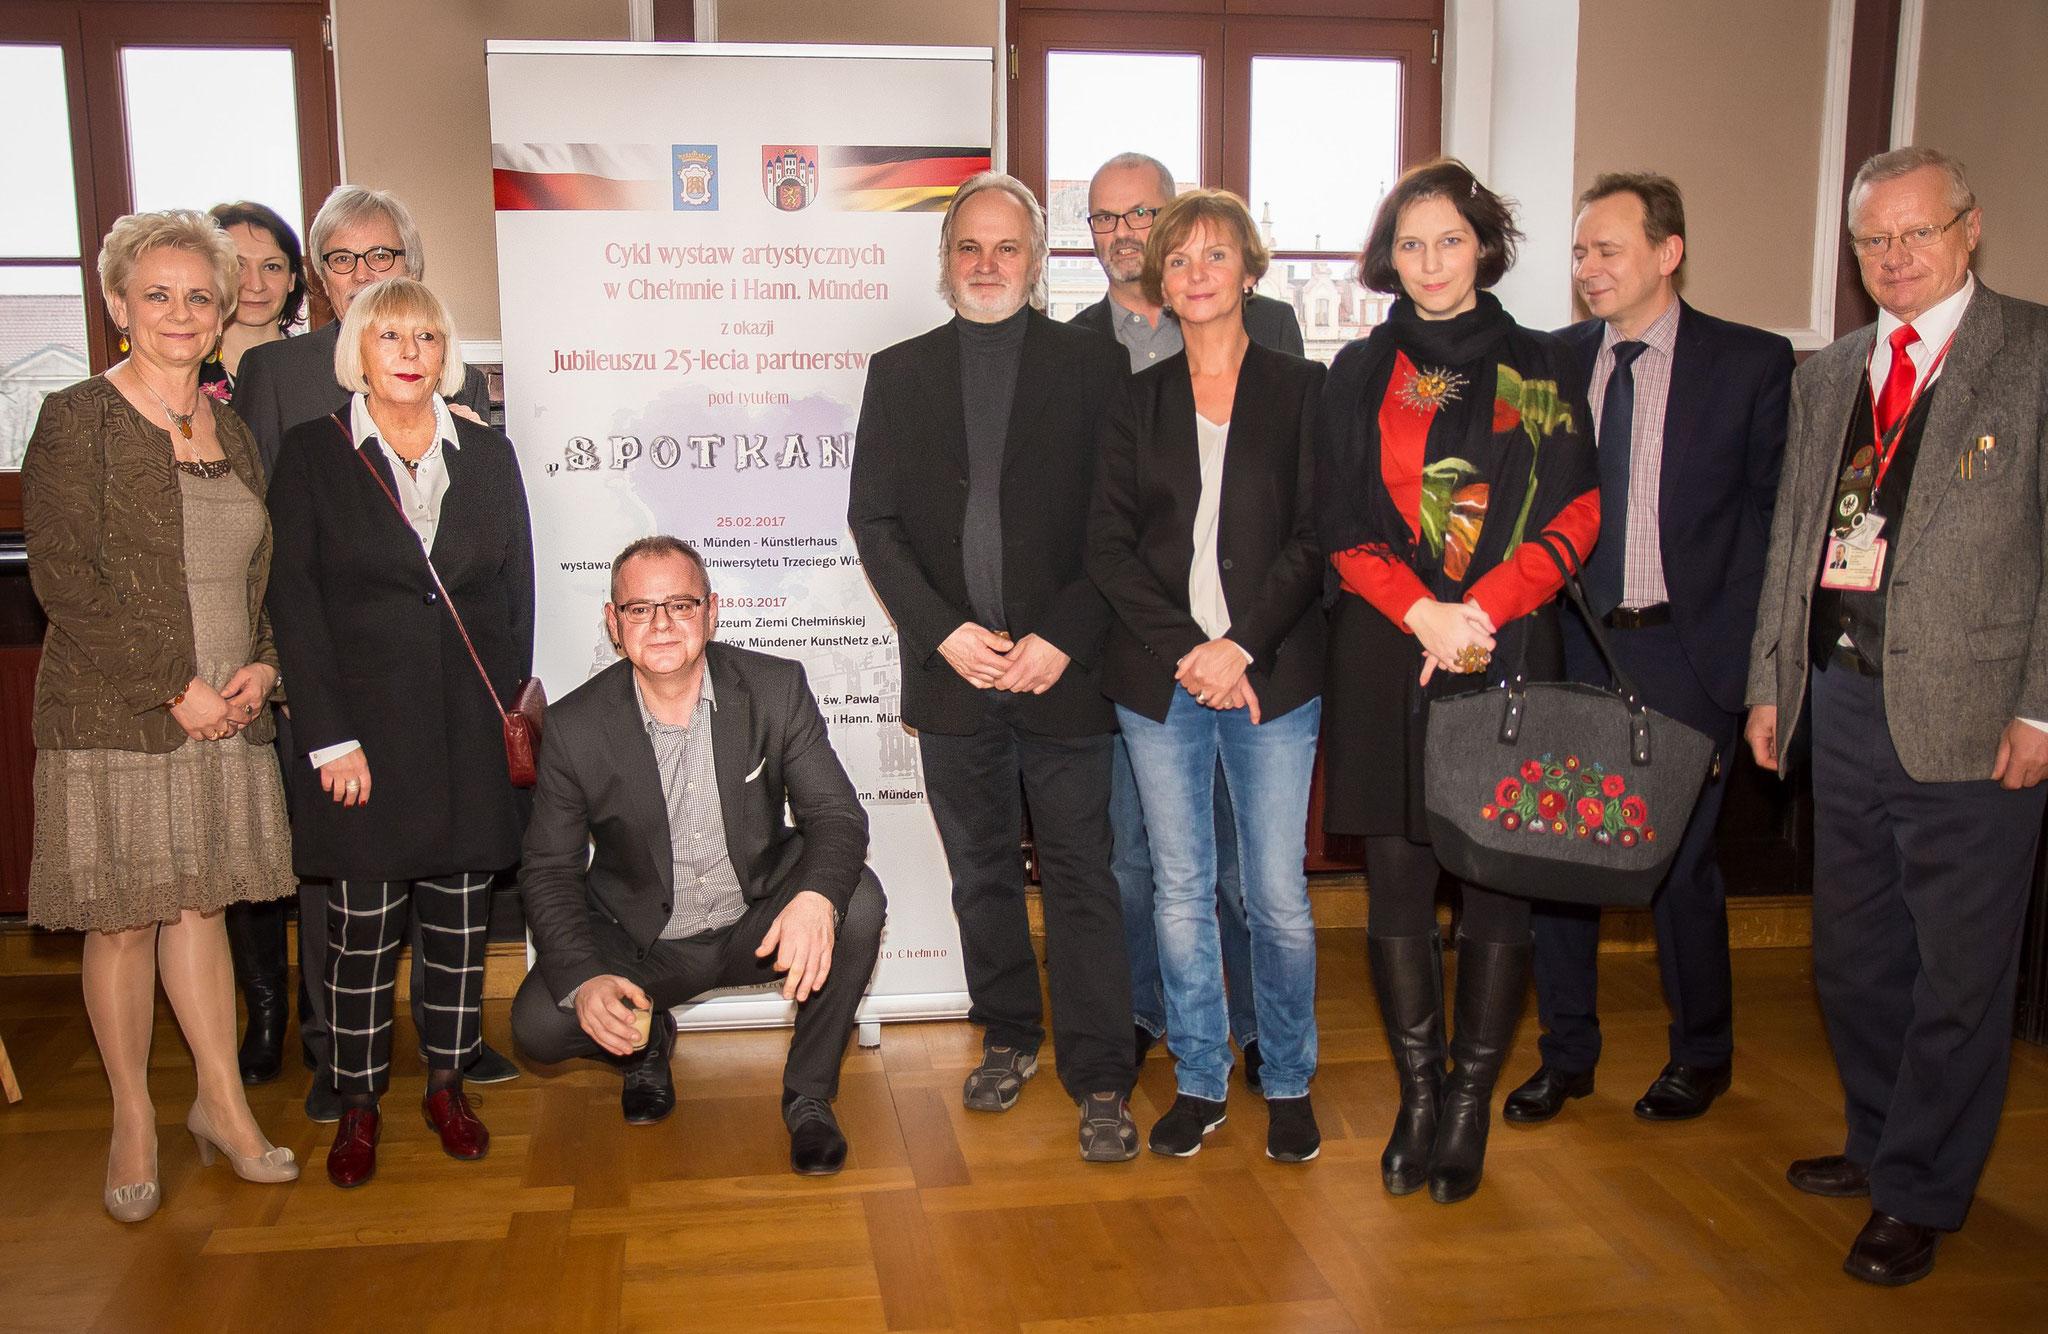 Ausstellungseröffnung in Chelmno